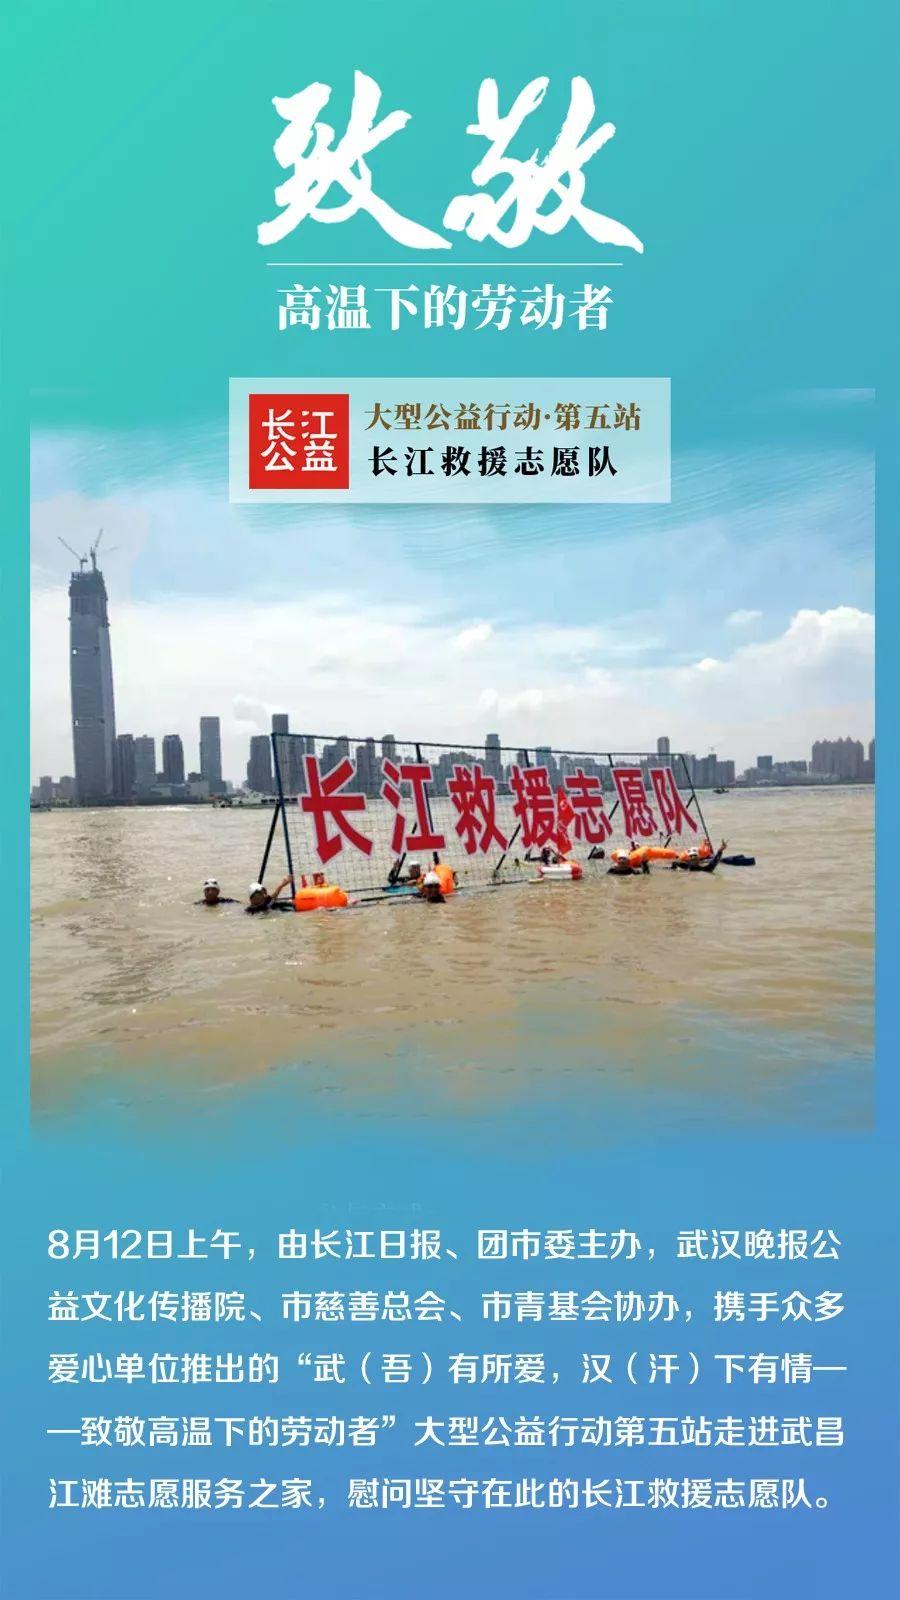 """他们坚守在两江四岸 最大的愿望却是""""没有救援"""""""